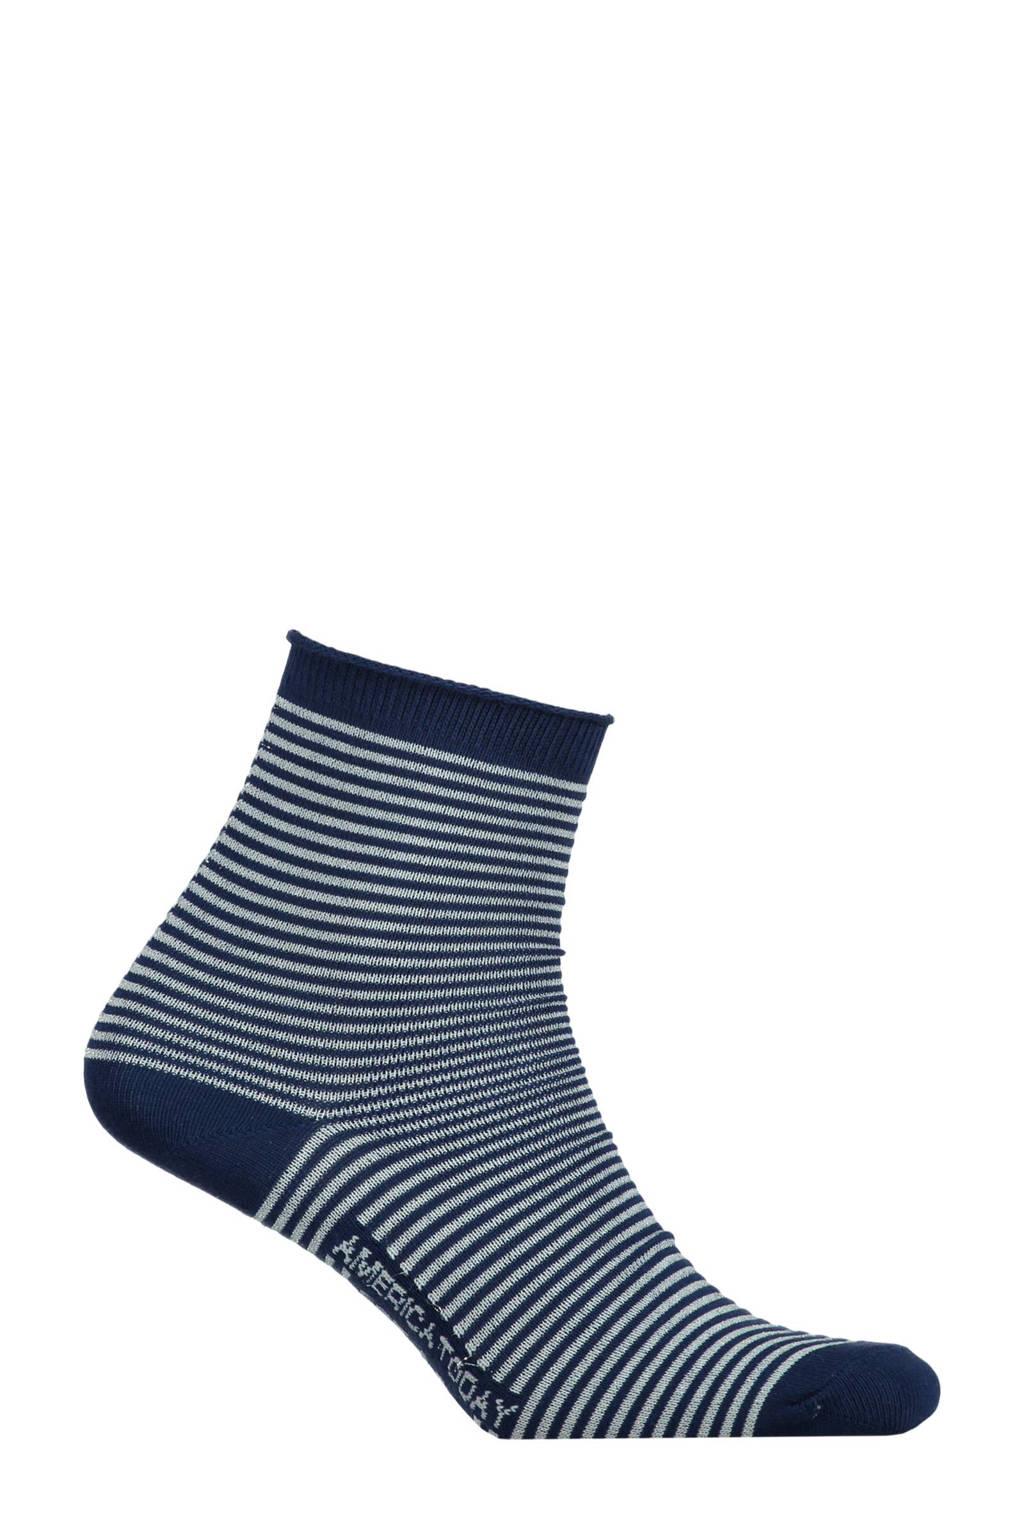 America Today sokken met glitters, Donkerblauw